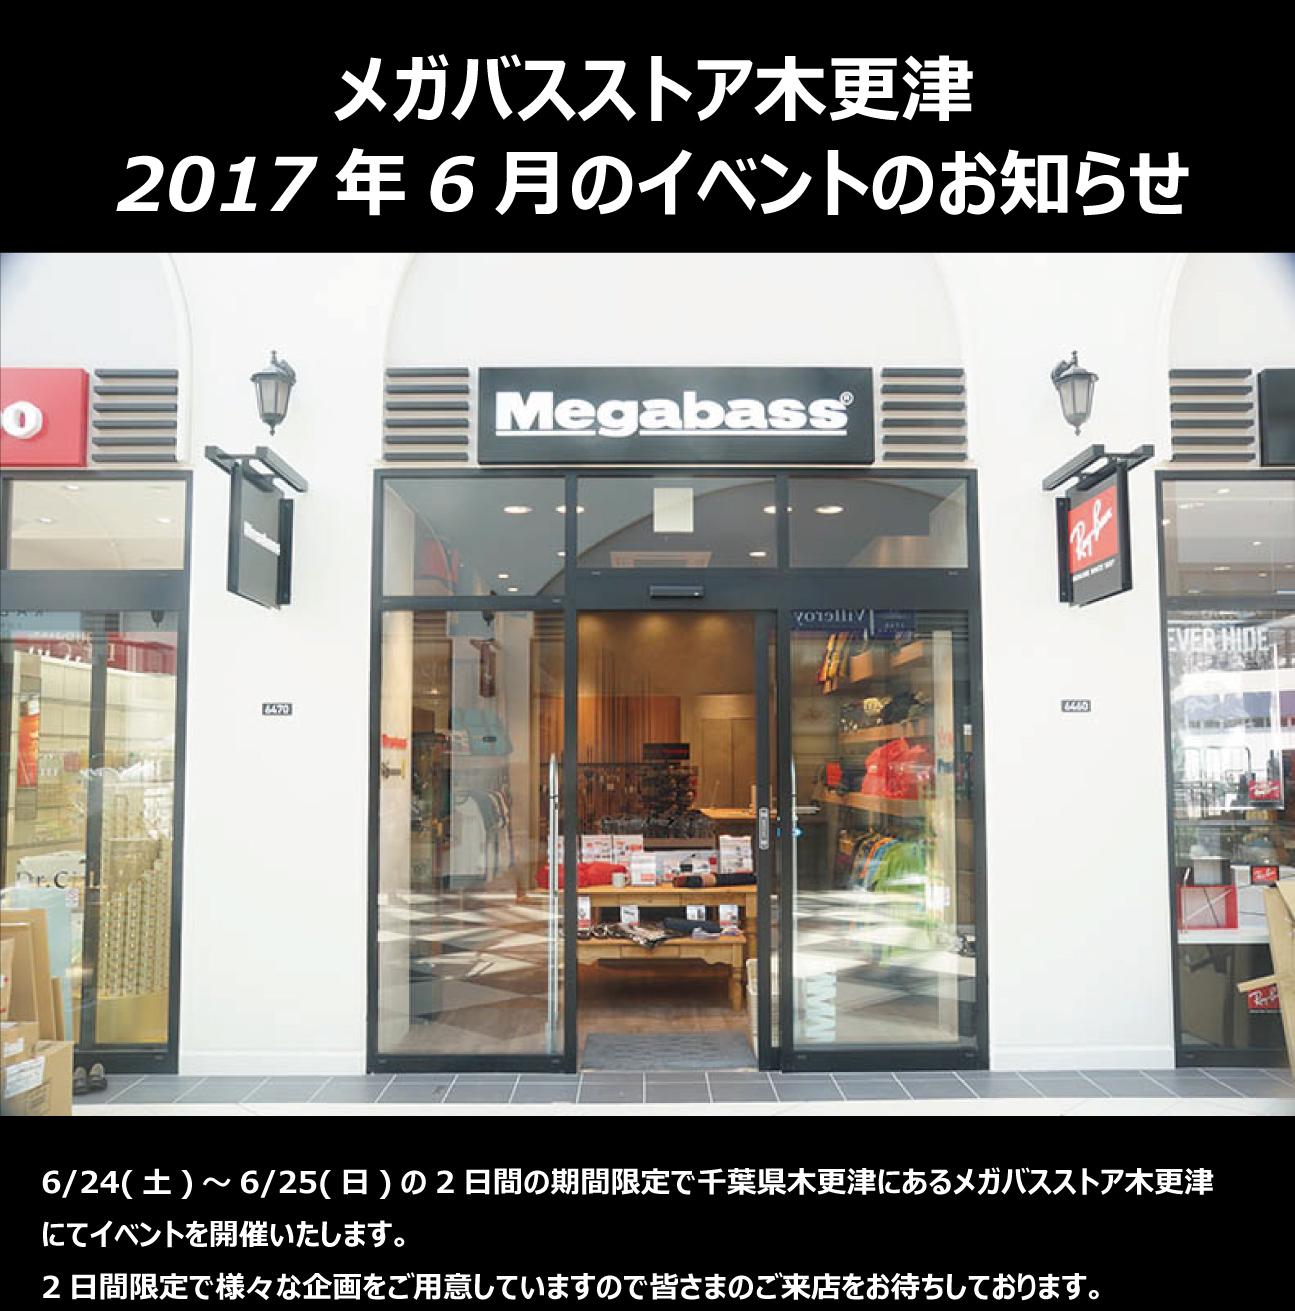 2017年6月の木更津イベント情報